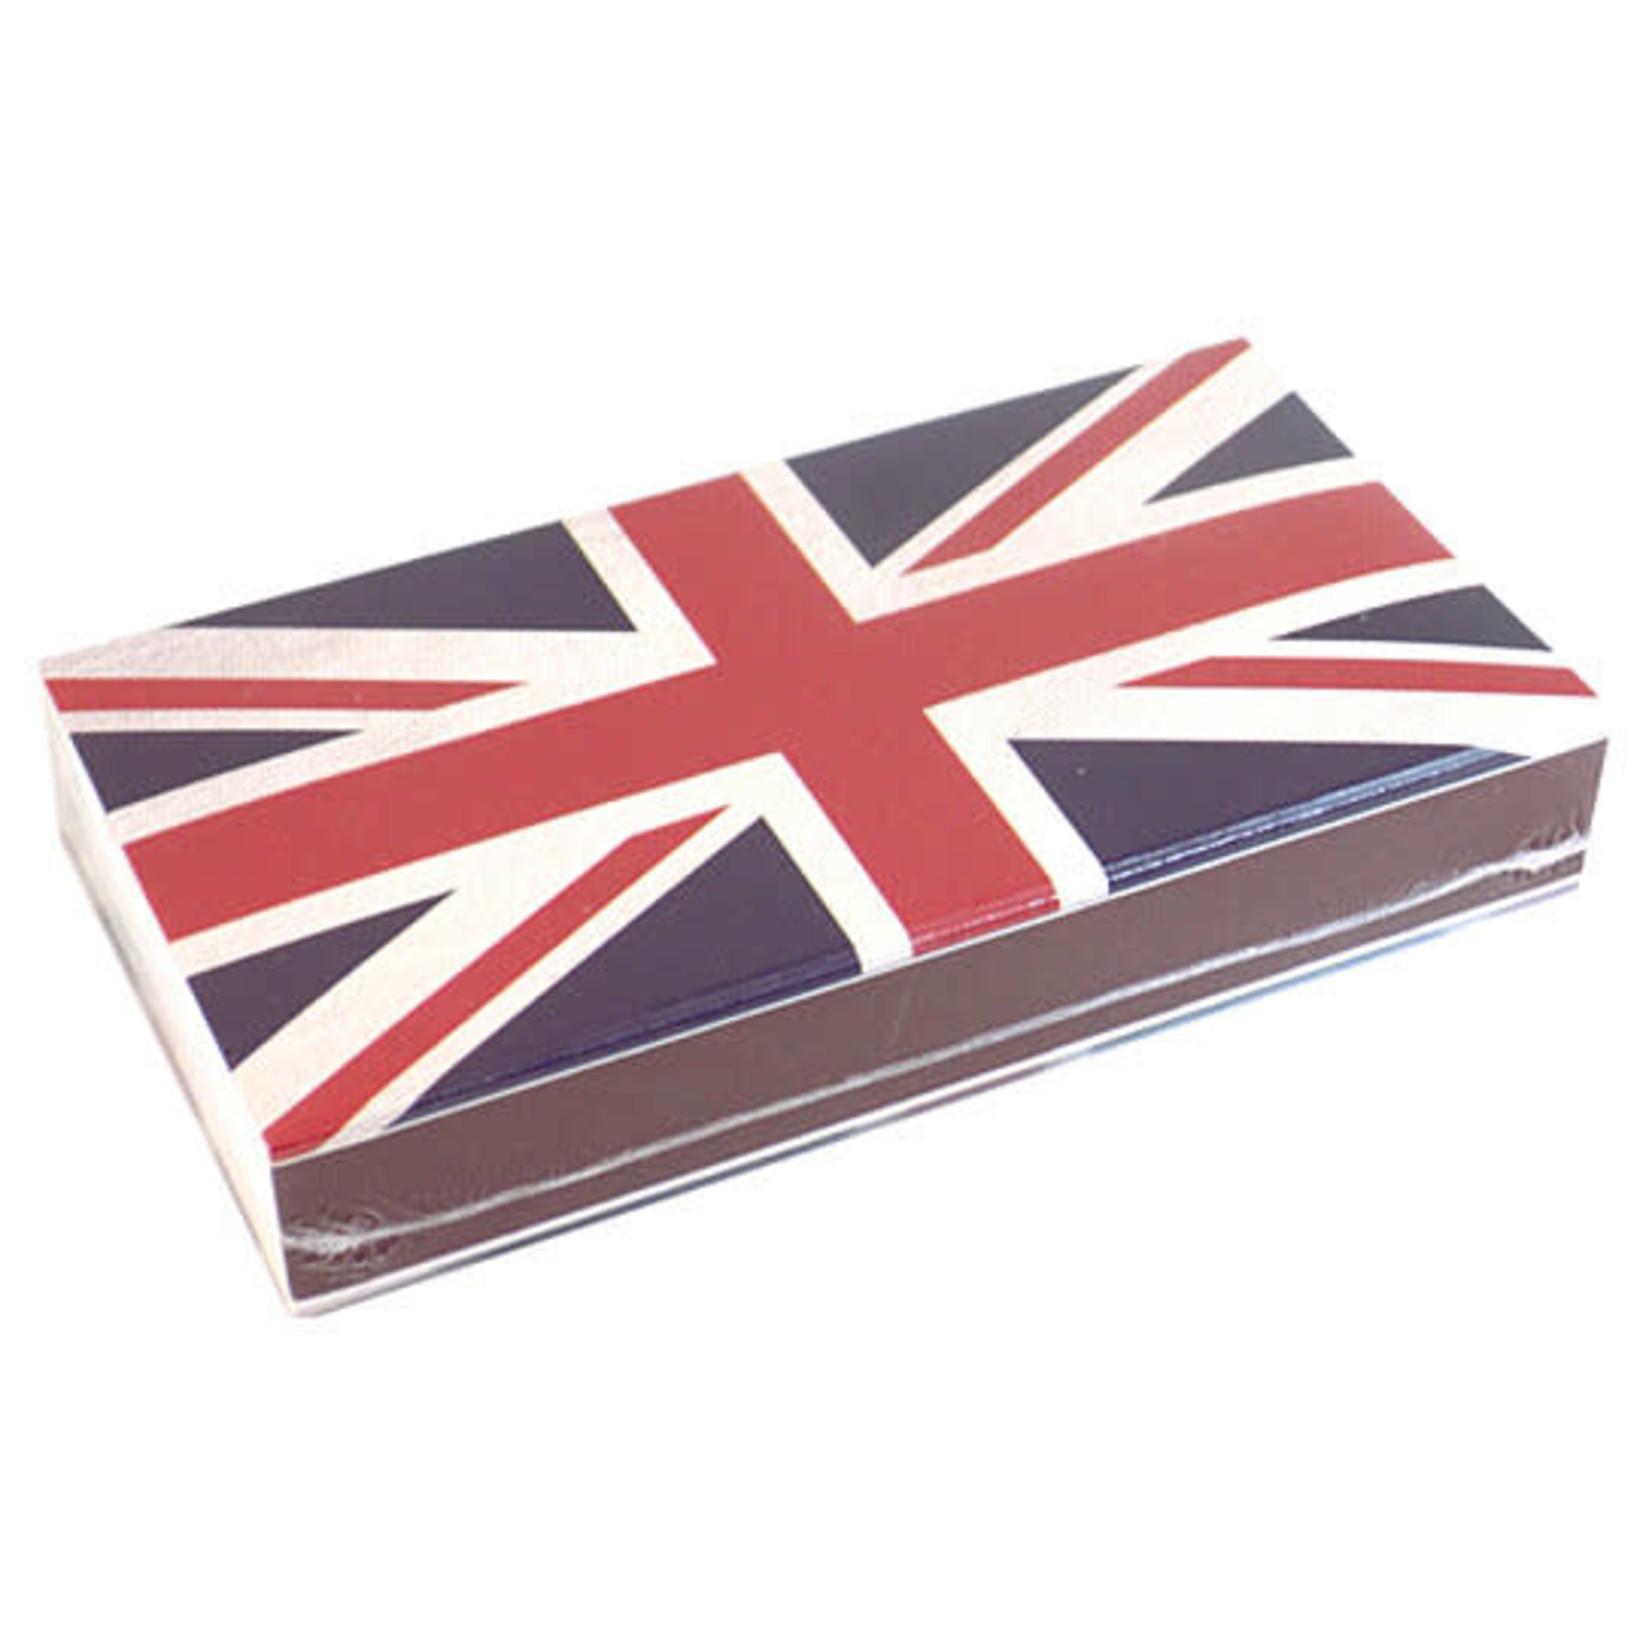 The Joy of Light Joy of Light Matchbook Union Jack